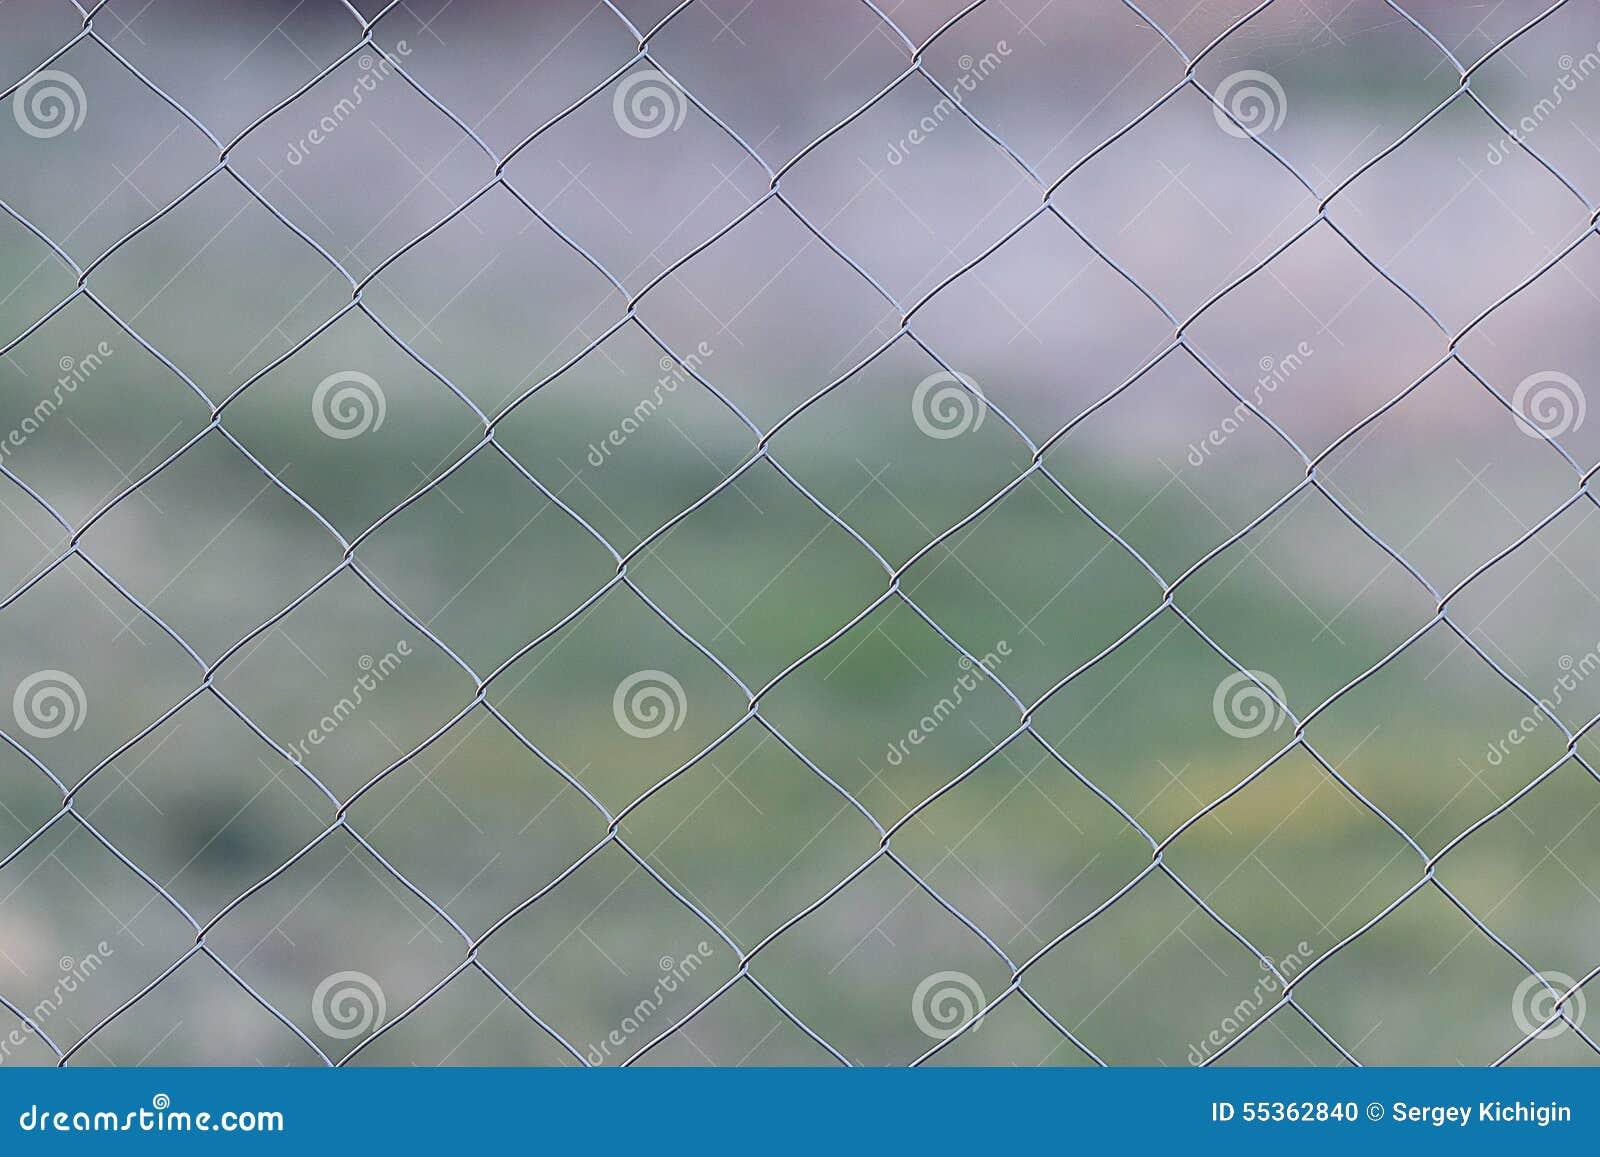 Netting netting fence